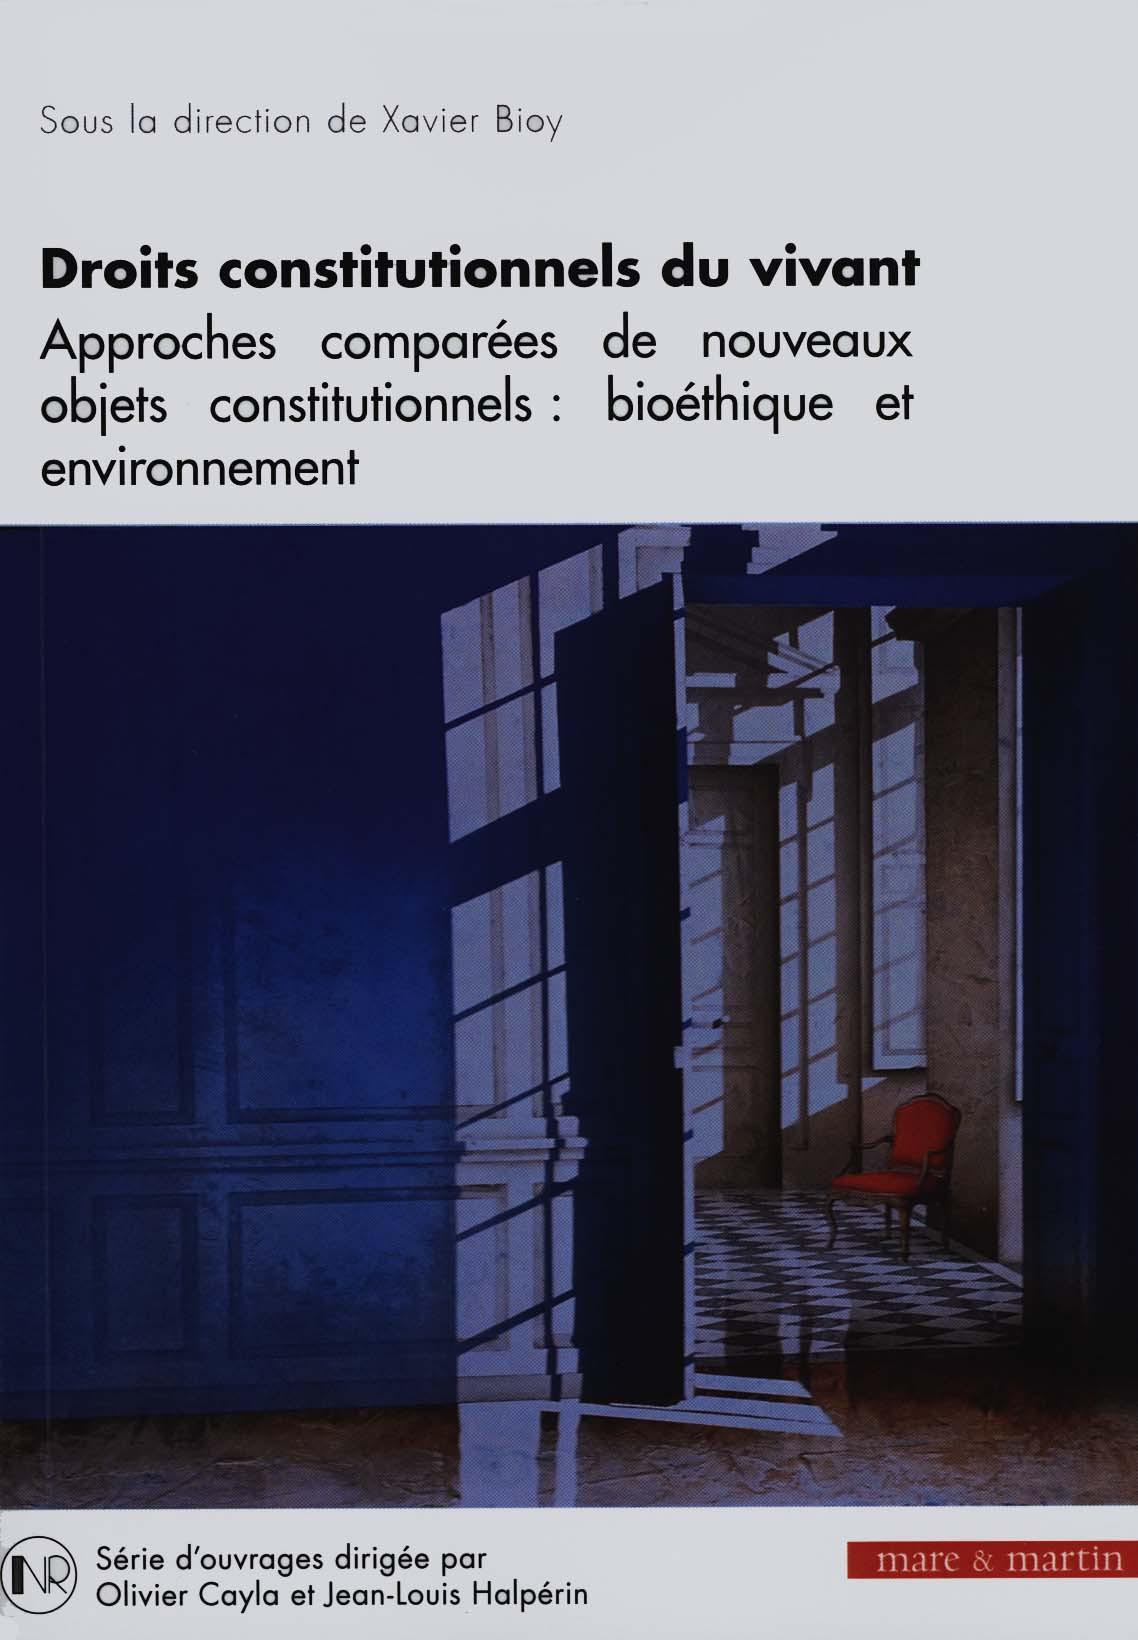 droits-constitutionnels-du-vivant-Bioy.jpg